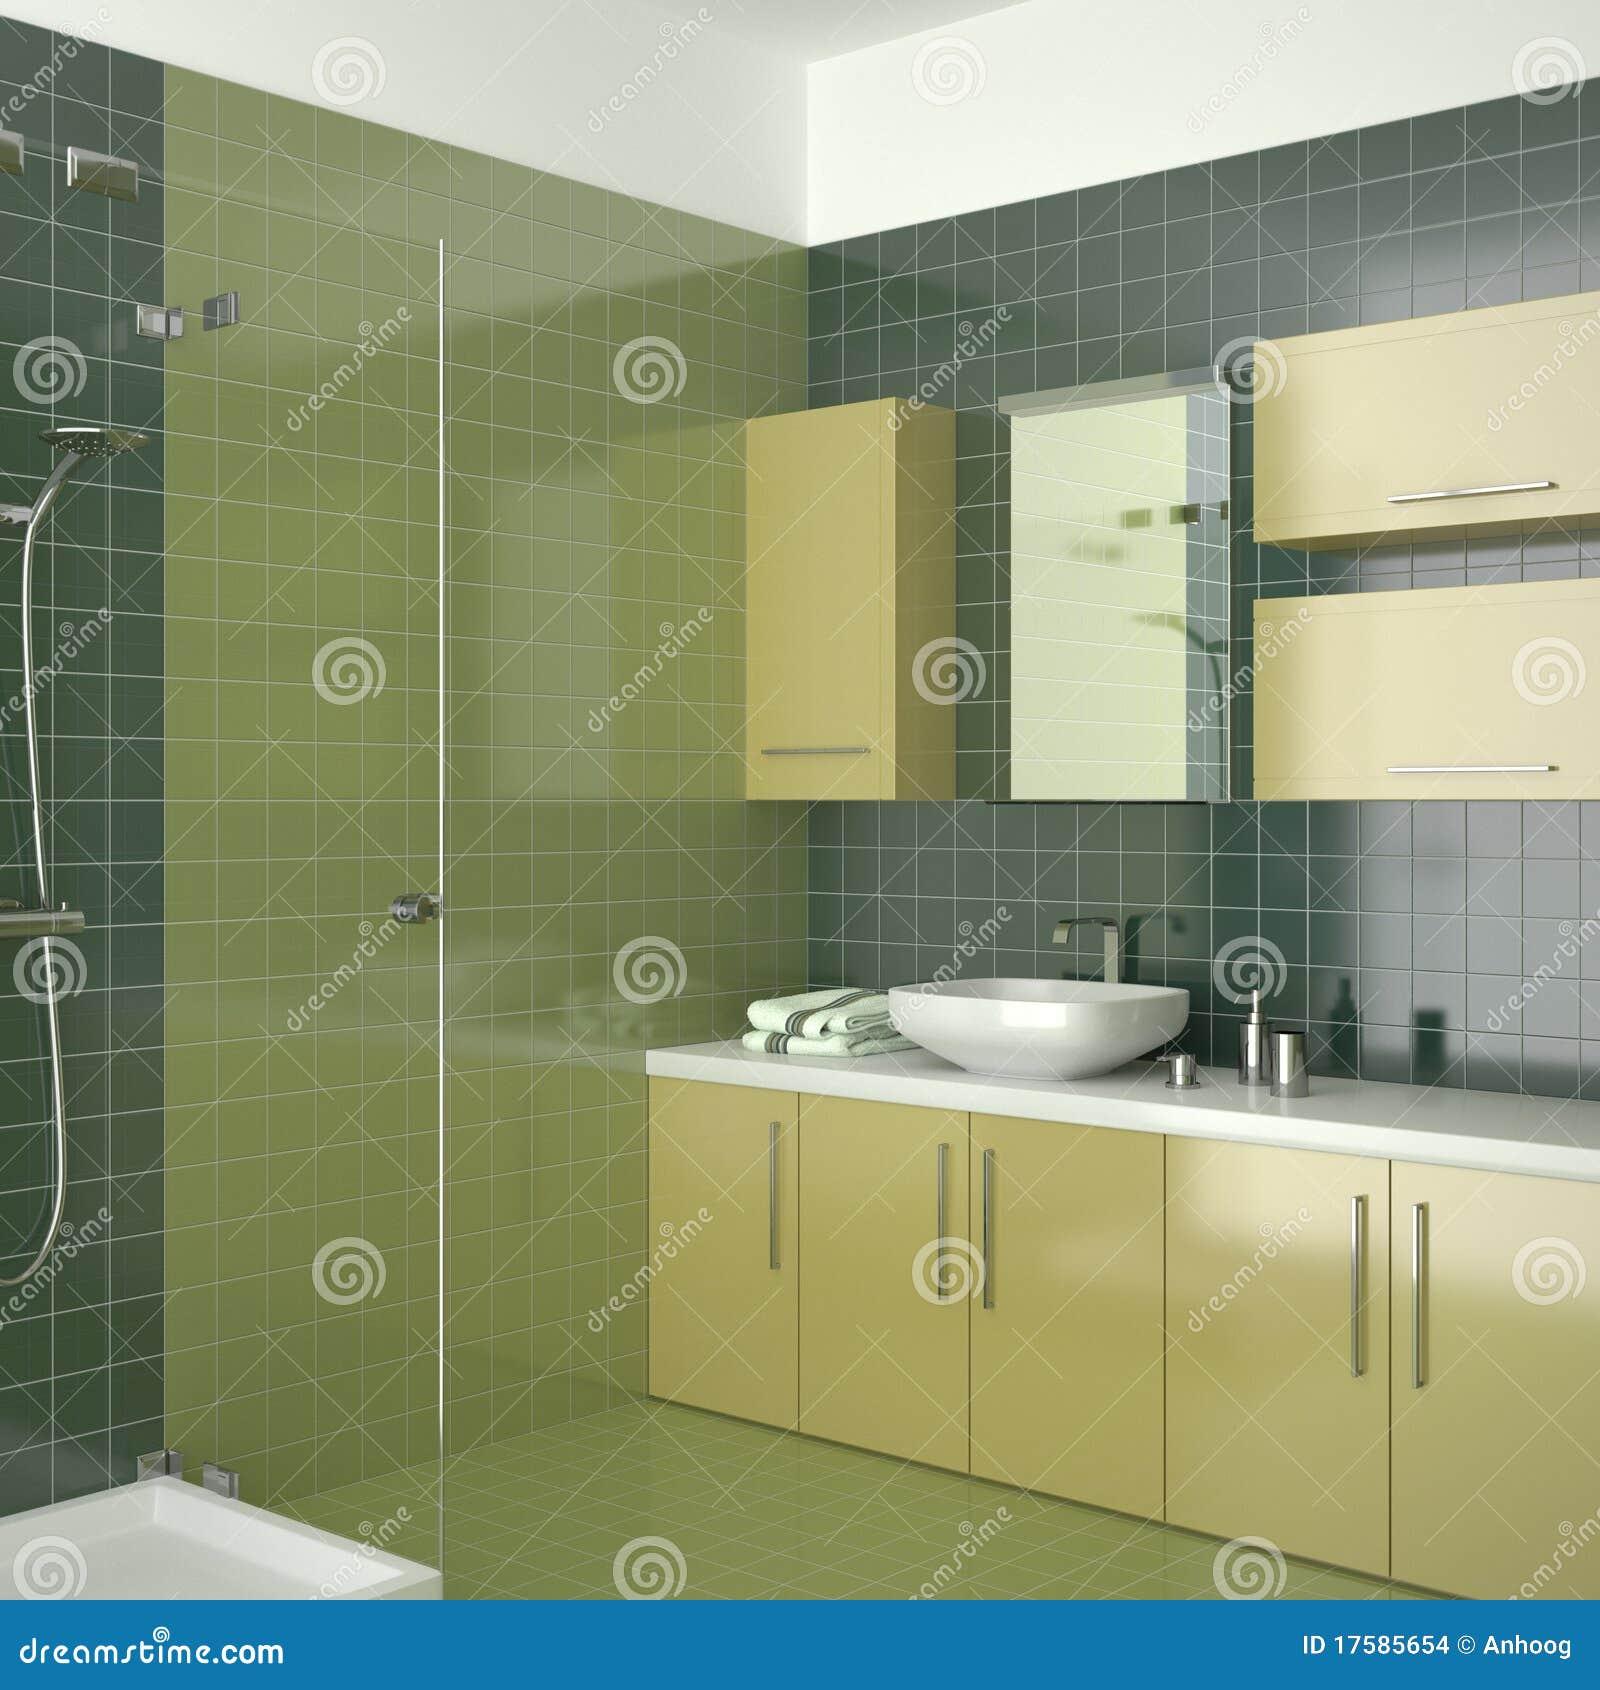 Cuarto De Baño Contemporáneo Verde Con Muebles Amarillos Imagenes de